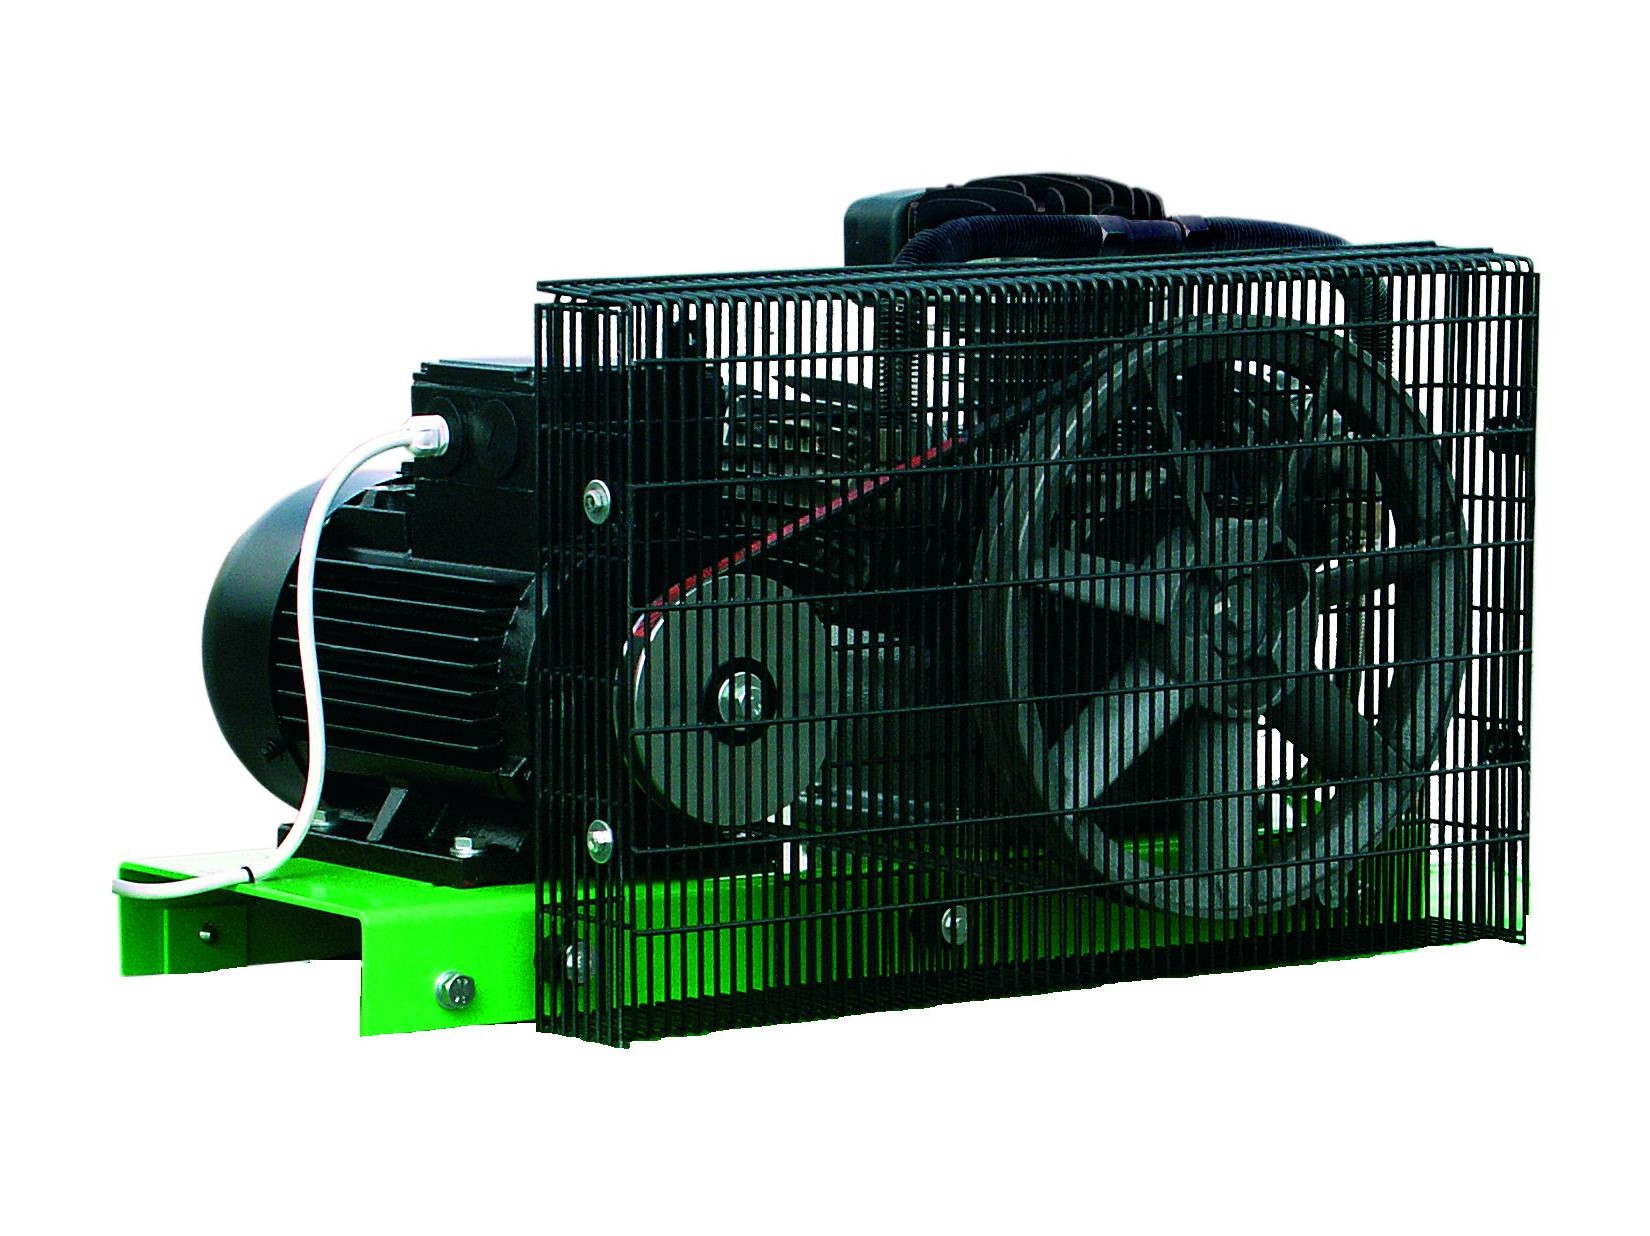 Atmos Pístový kompresor Perfect - 3PFT